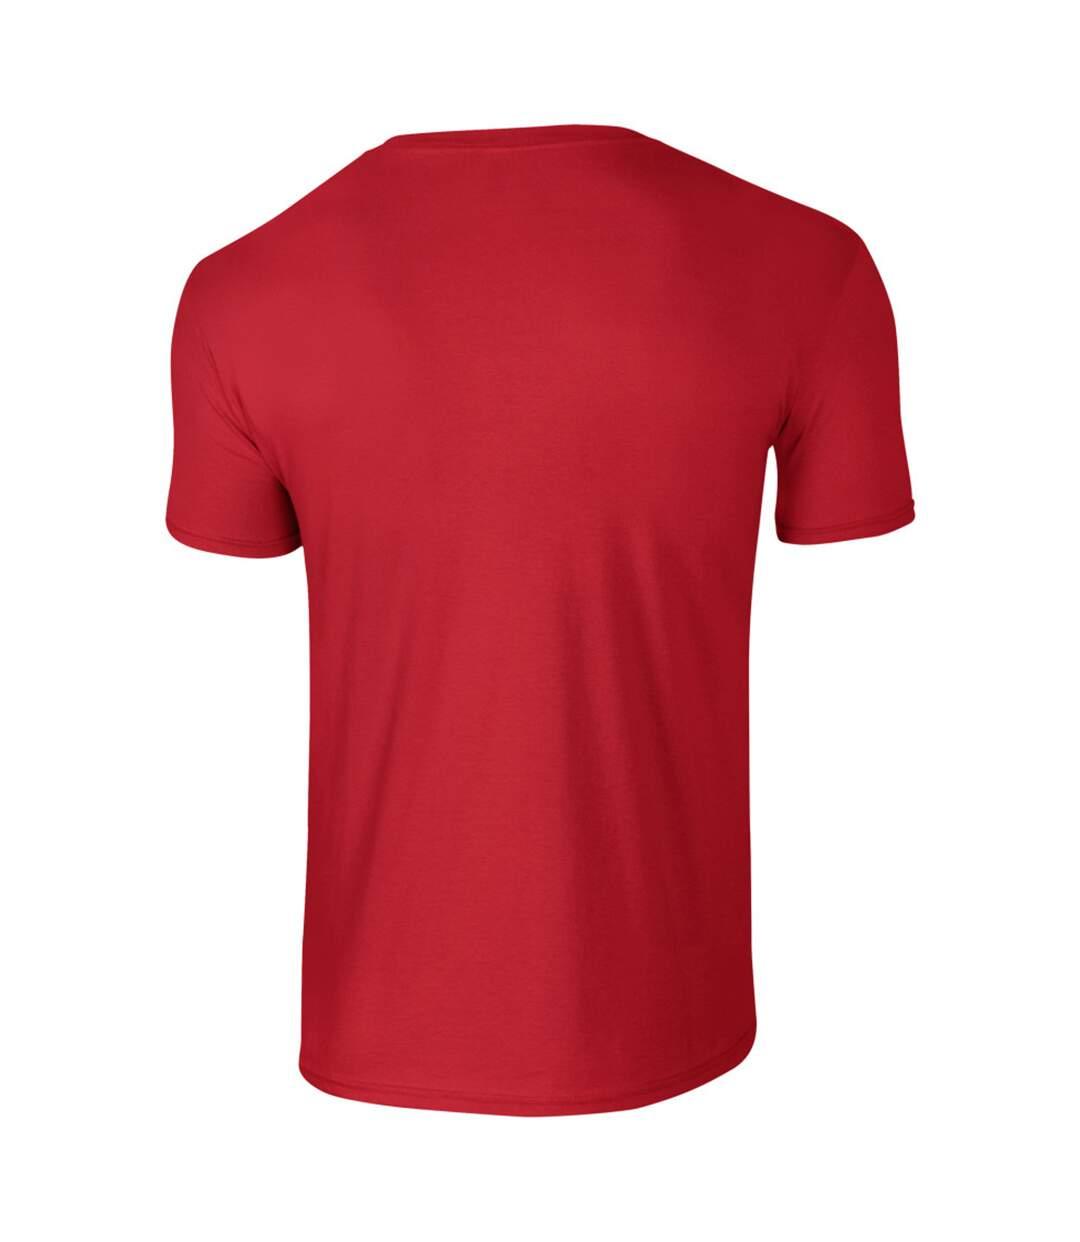 Gildan - T-shirt manches courtes - Homme (Rouge vif) - UTBC484